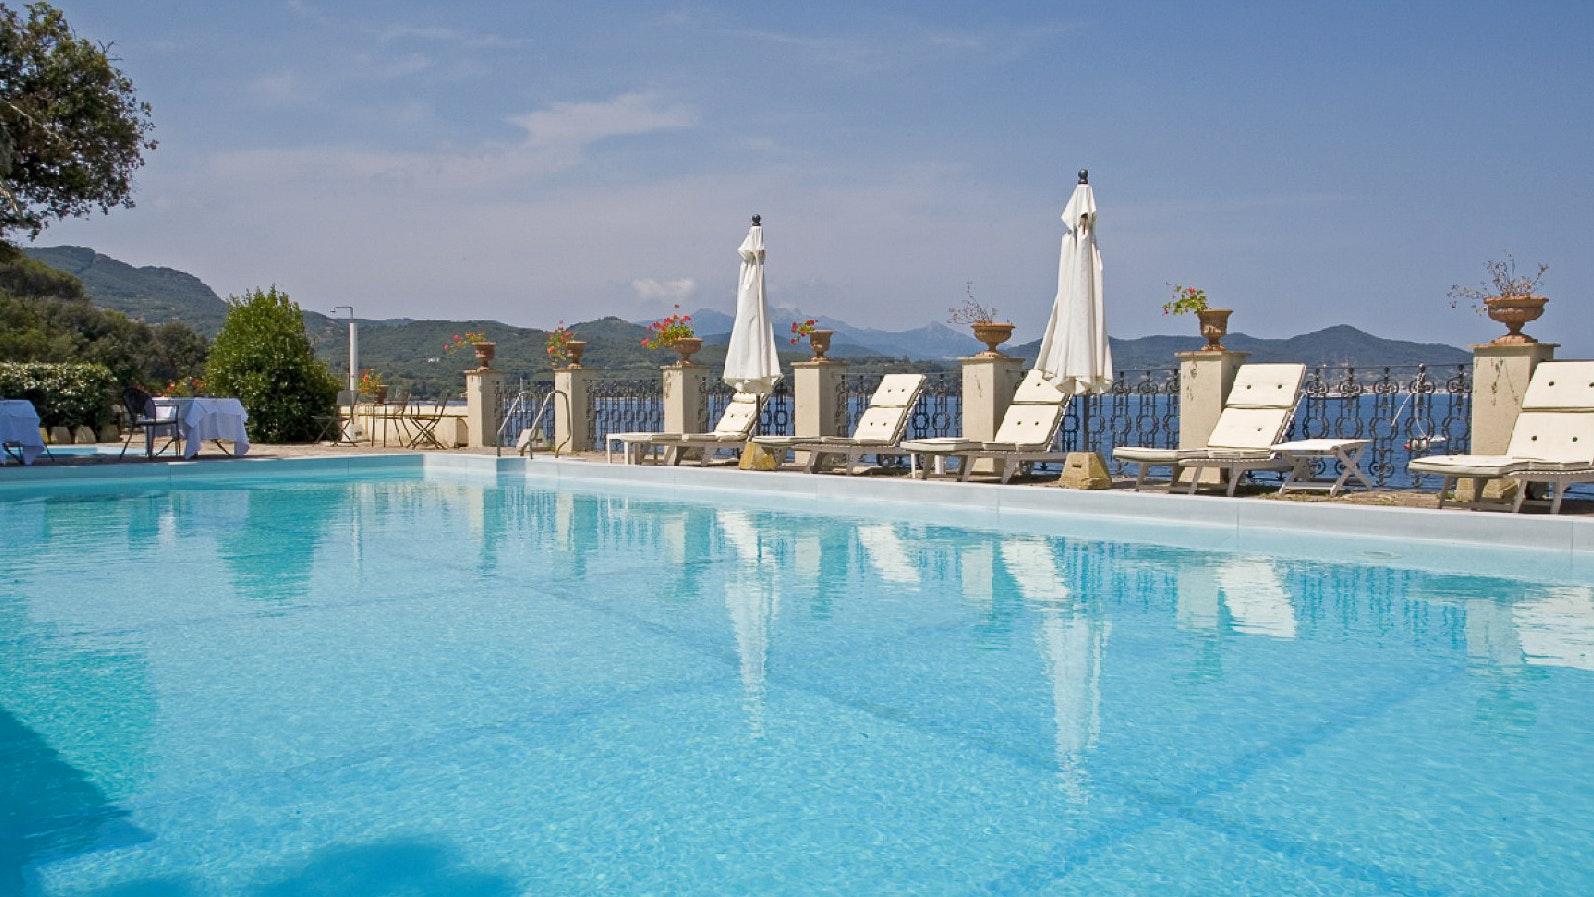 Hotel Villa Ottone - Hotel Portoferraio - Elba